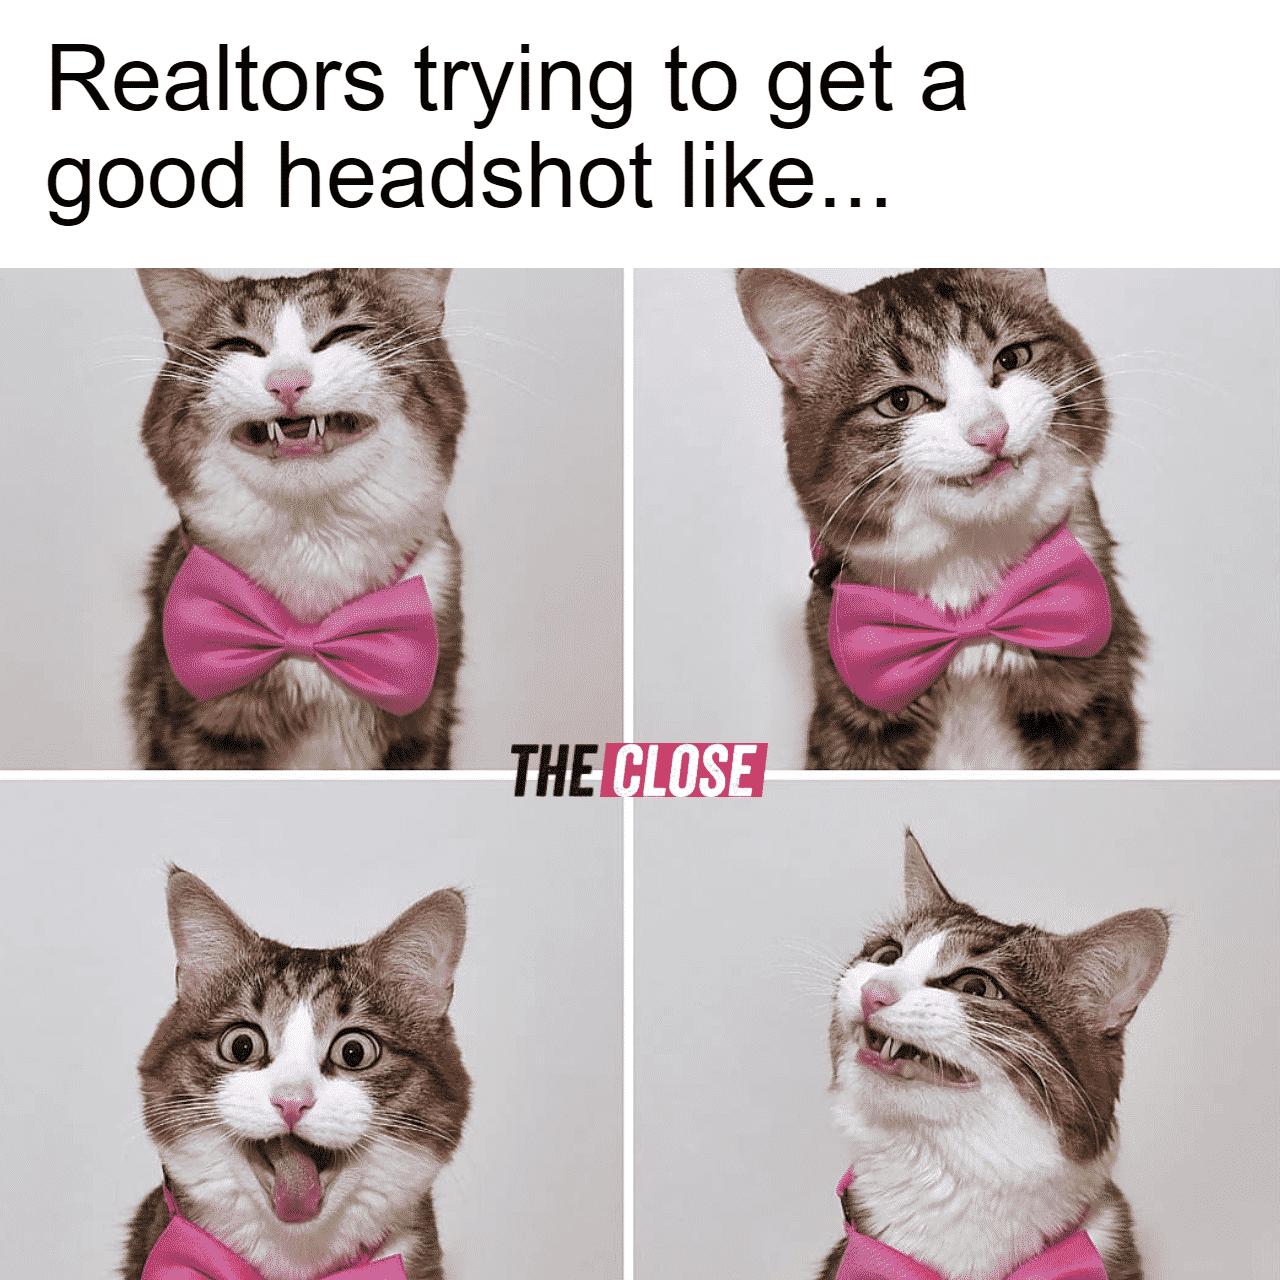 Headshots are never good enough Meme